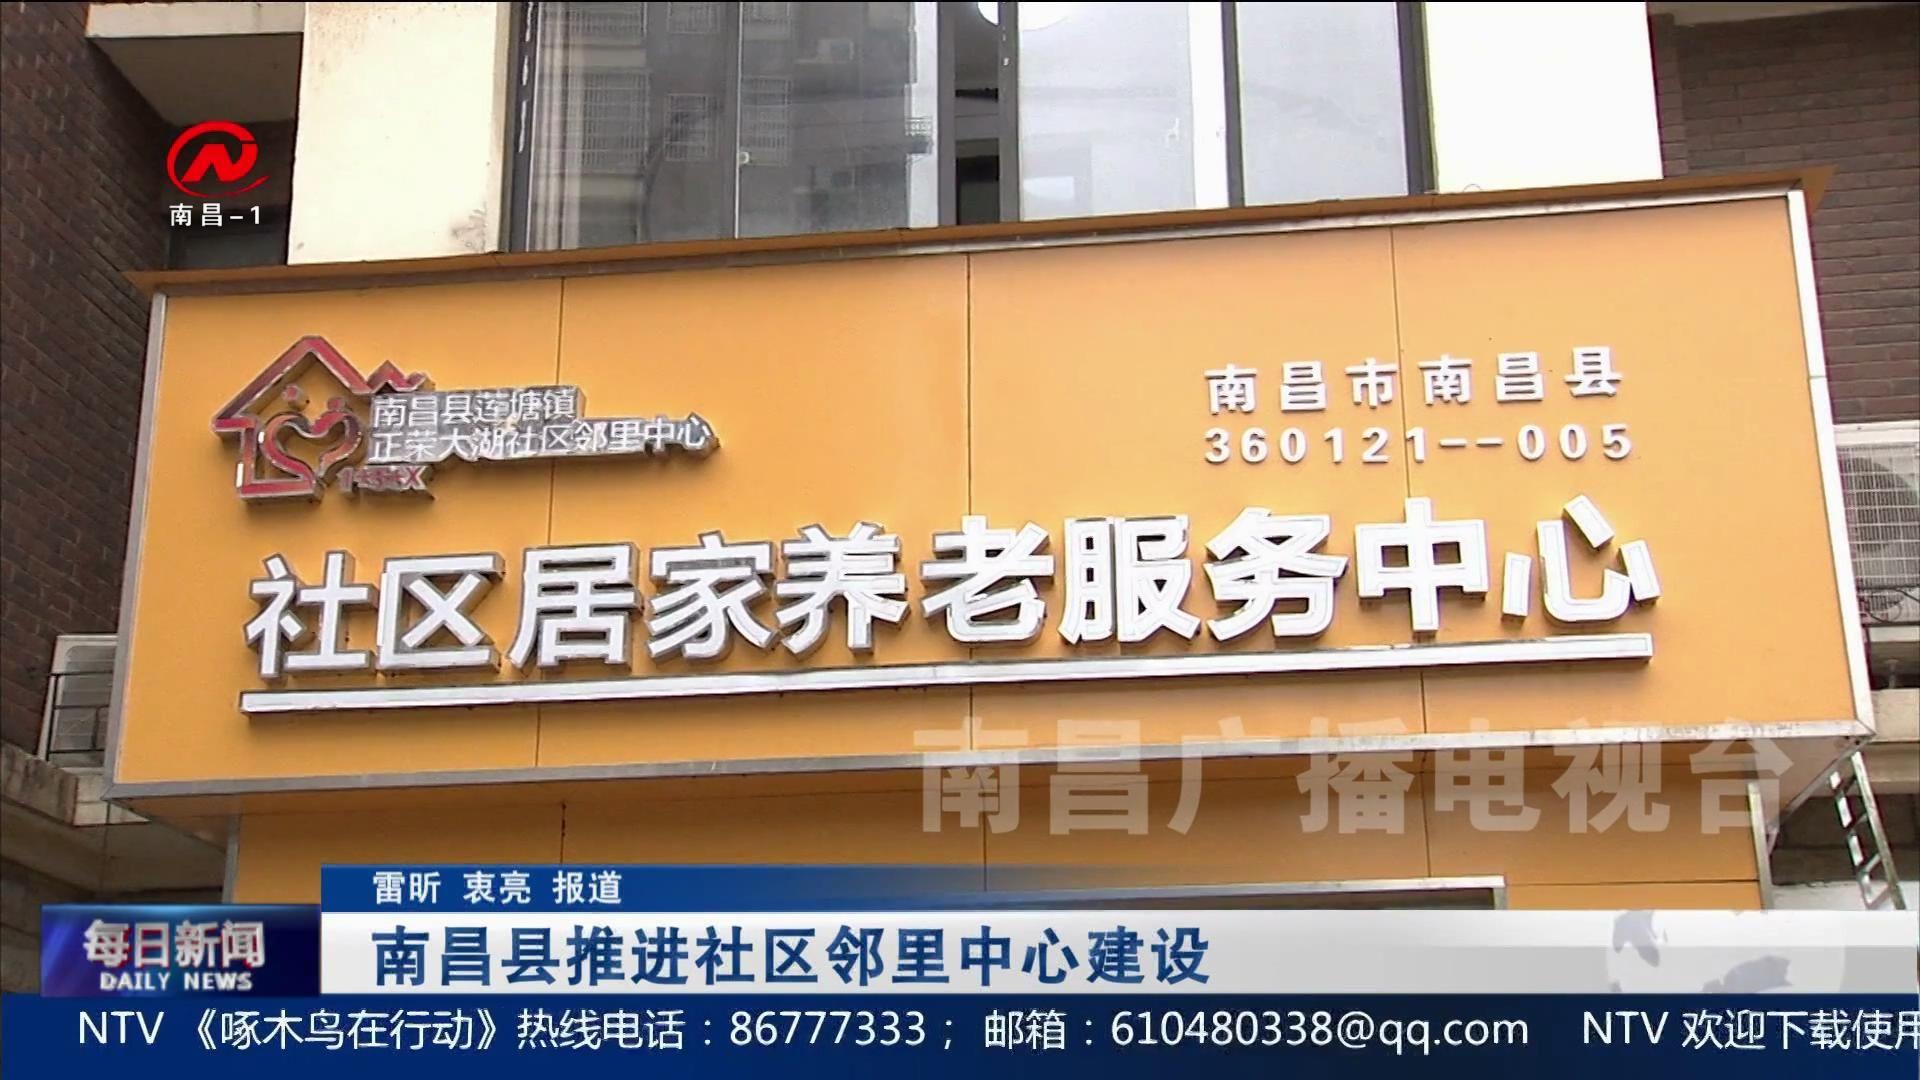 【深化文明创建】南昌县推进社区邻里中心建设